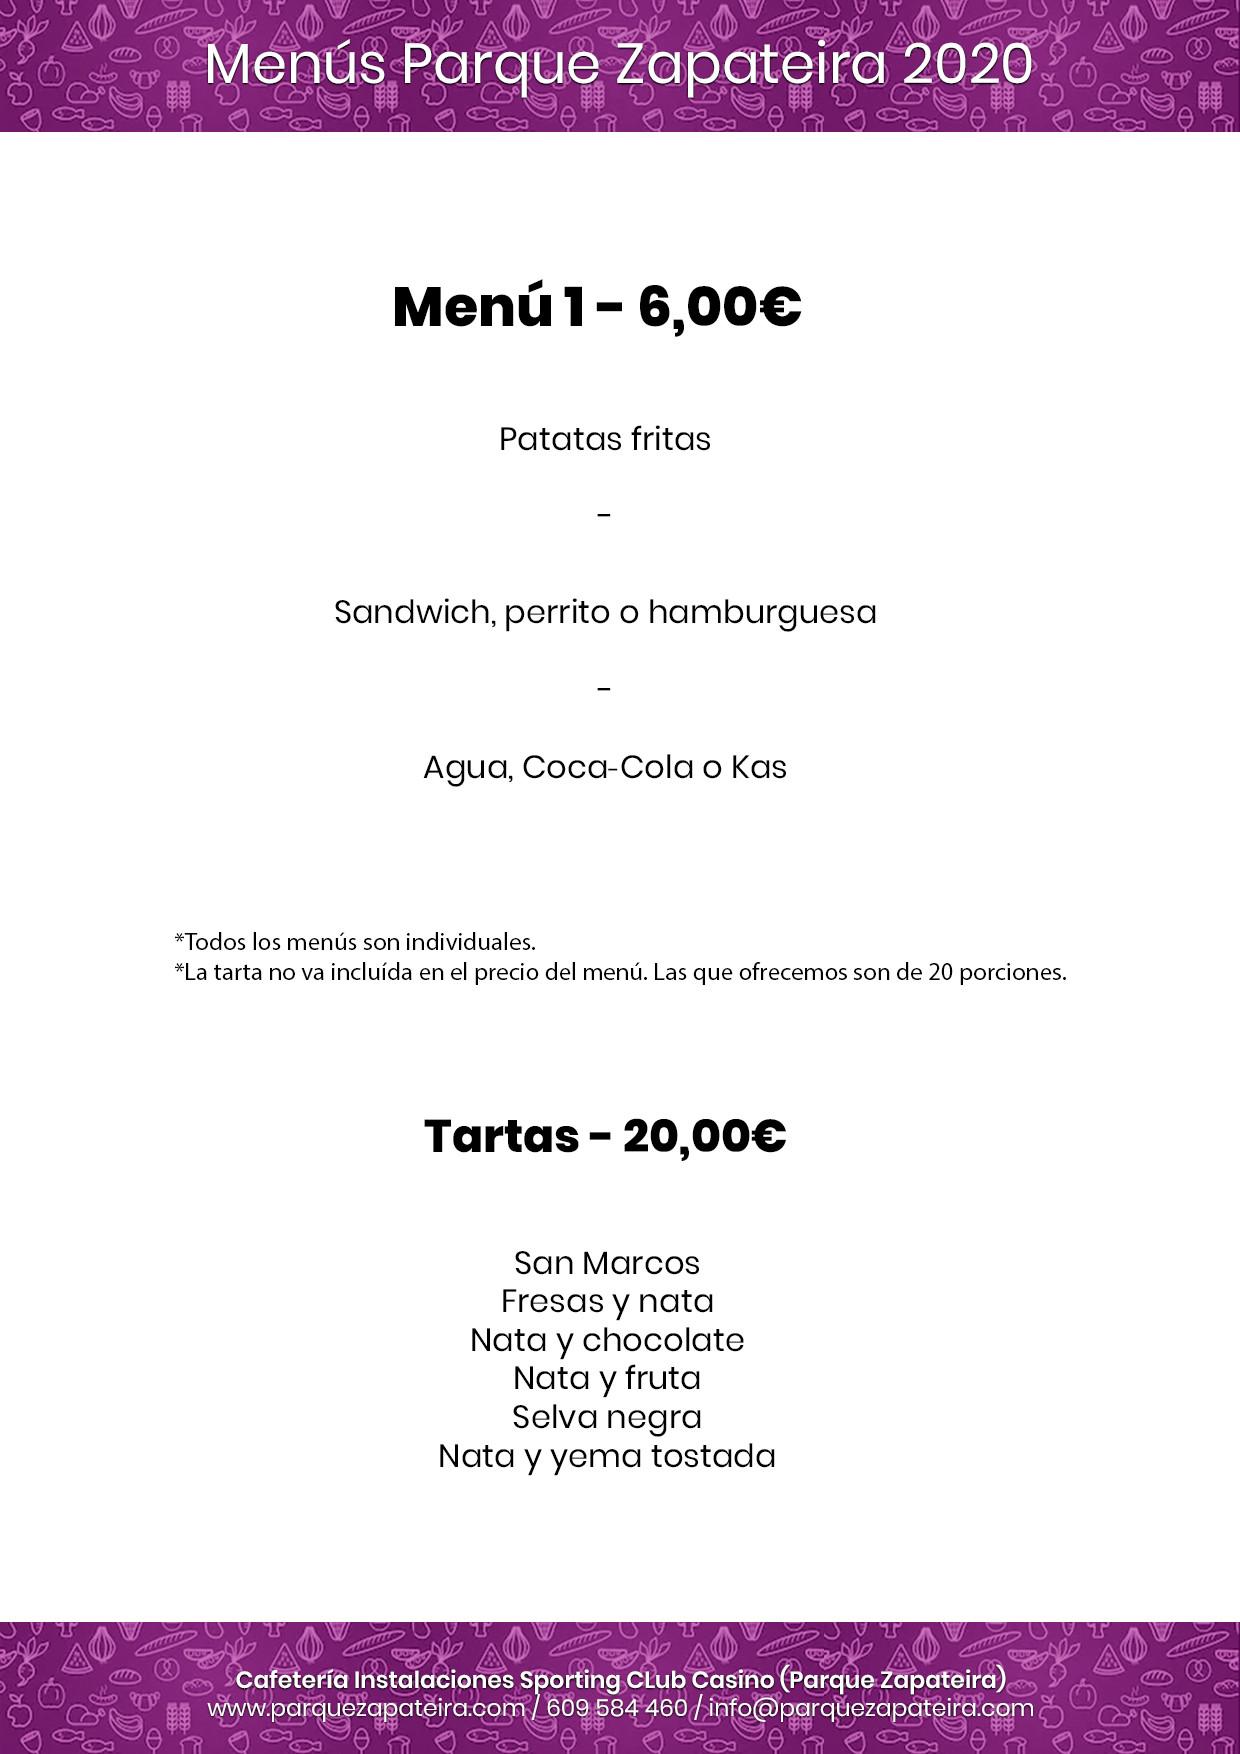 menuscumpleaños-01.jpg